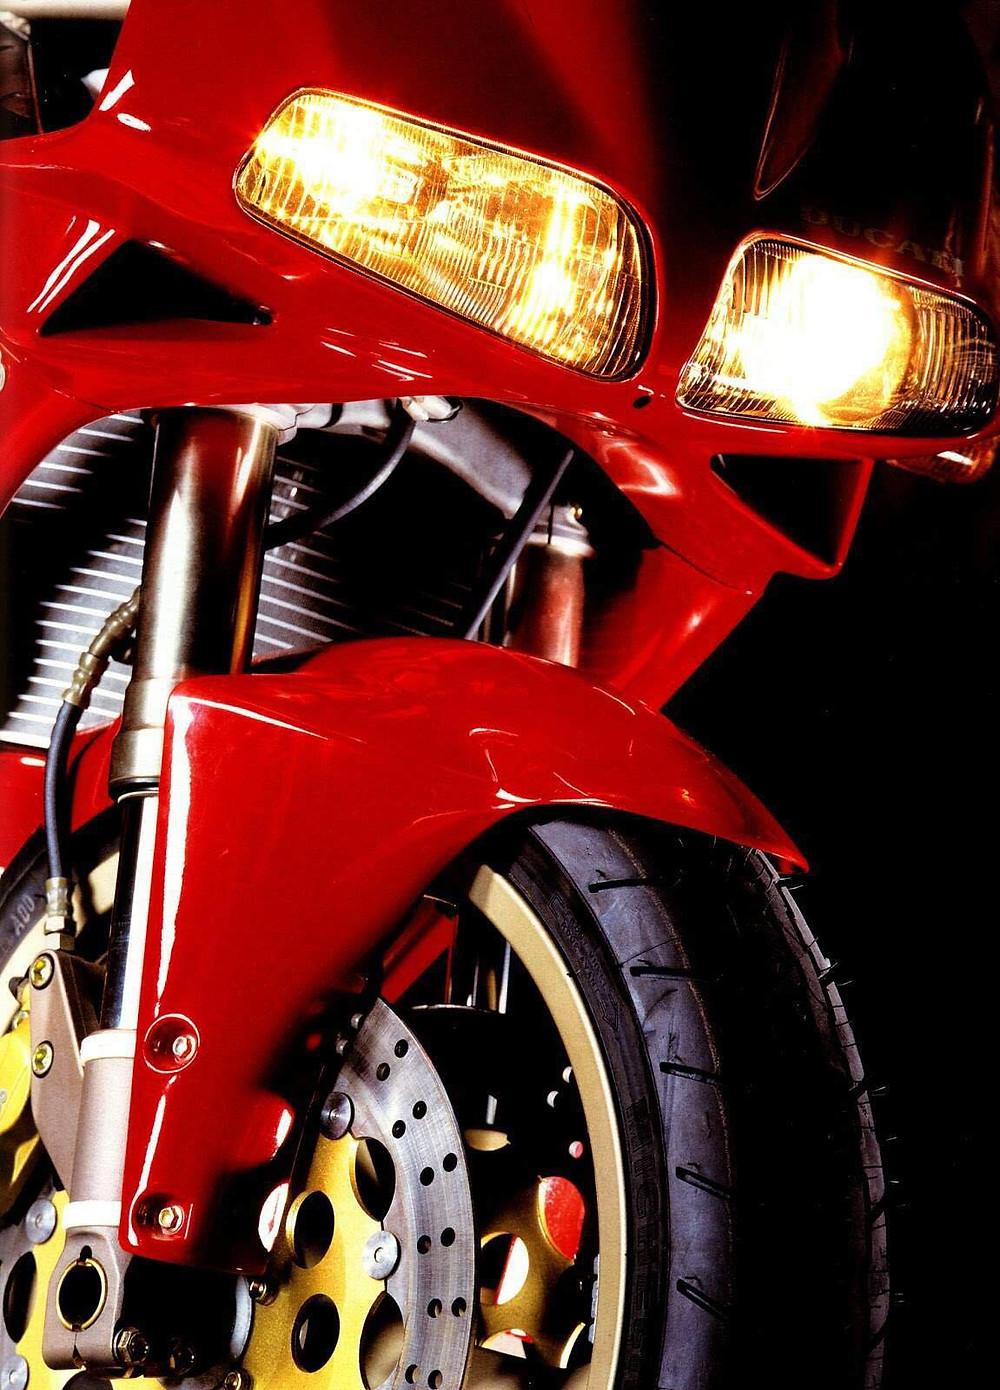 תמונת תקריב פנסים וגלגל קדמי אופנוע. דוקאטי 916 אדום.